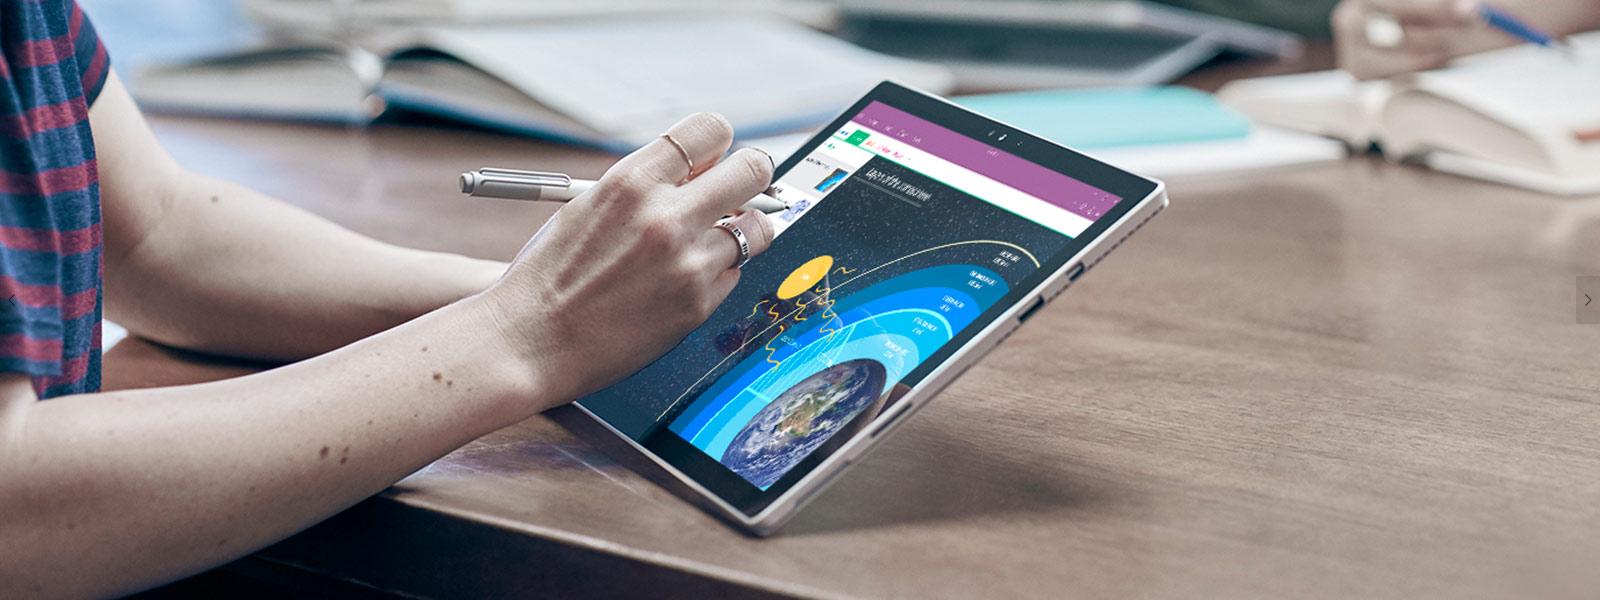 태블릿 모드의 Surface Pro 4에 Surface 펜을 사용해 그림을 그리고 있는 여자